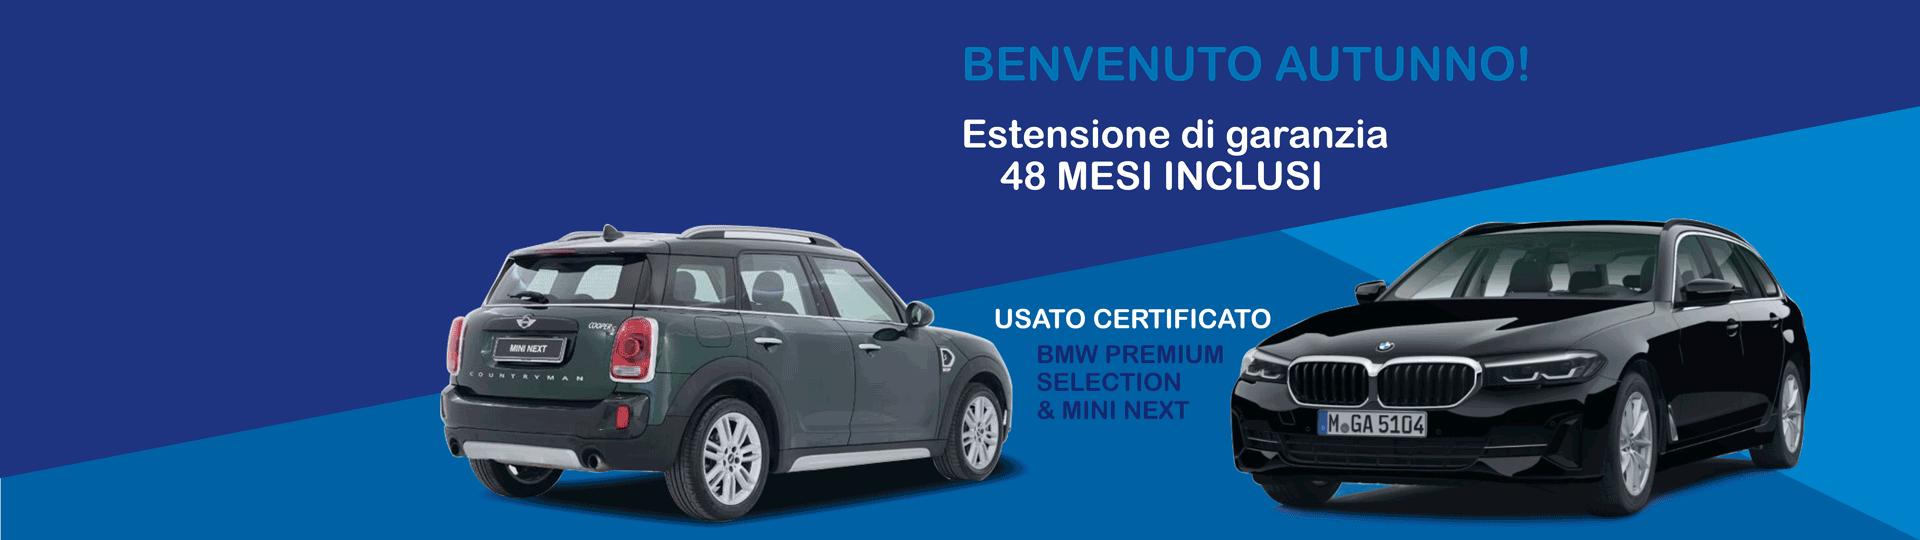 BMW-MINI-Usato_ottobre-2020-min.png